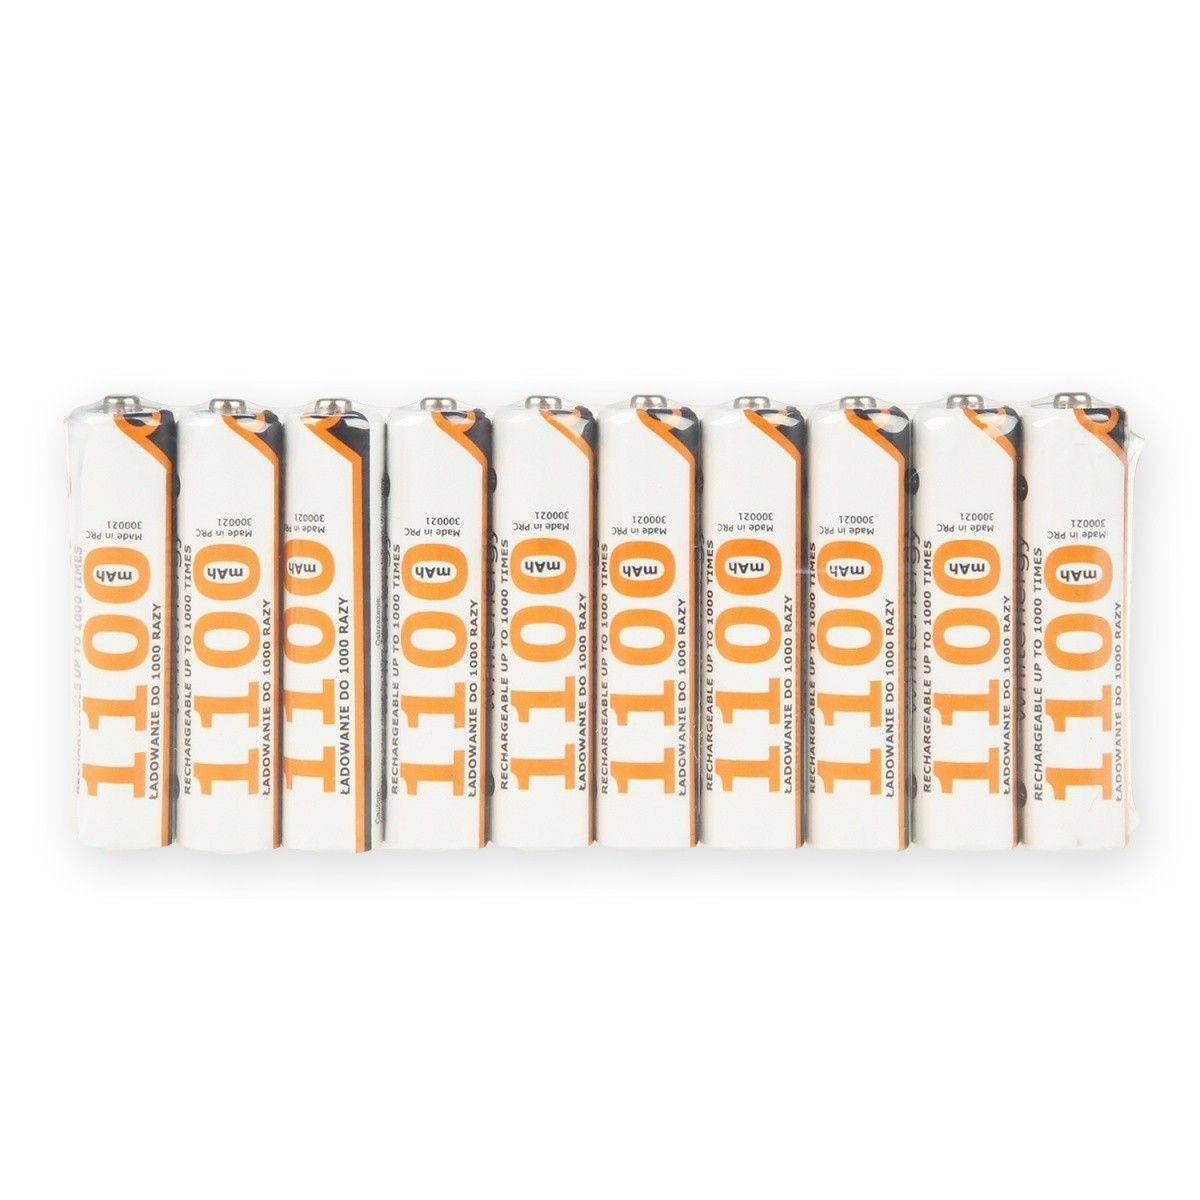 Whitenergy akumulatory AAA 1100mAh 10szt